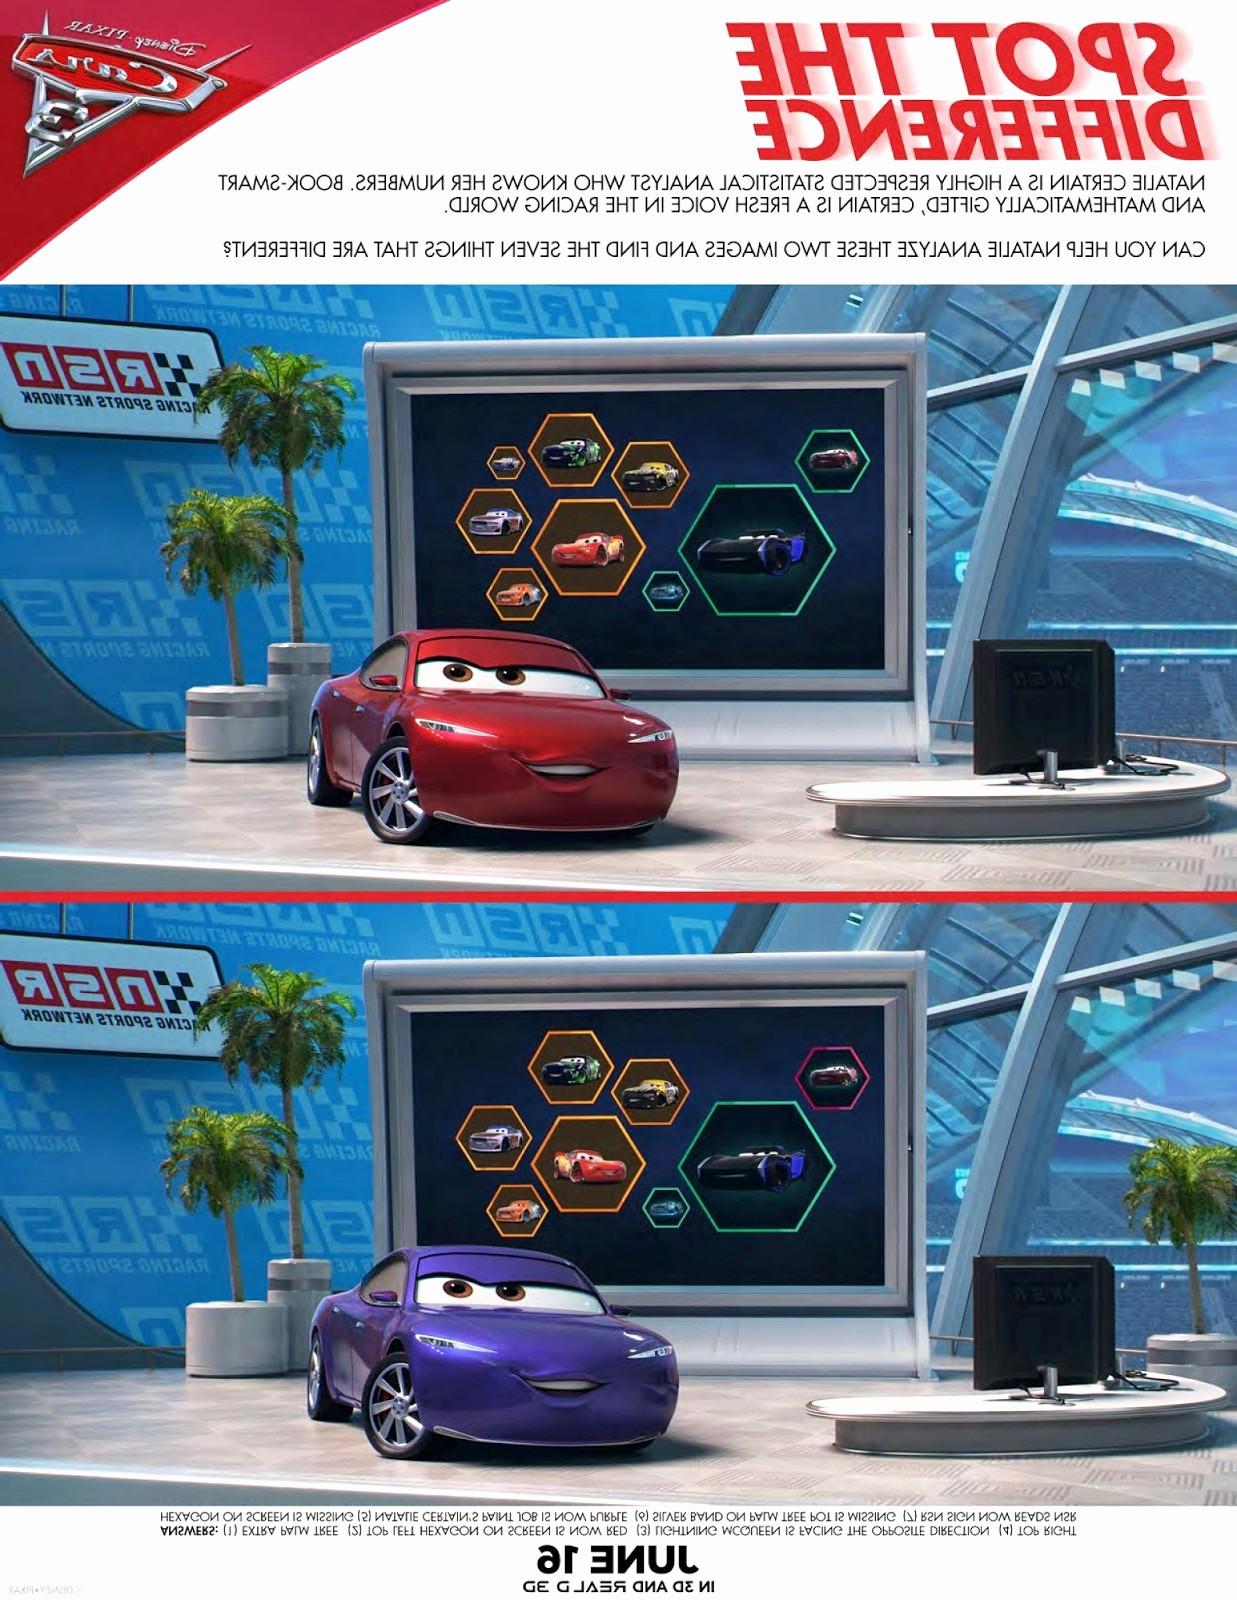 Ausmalbilder Autos Porsche Neu 39 Neu Cars 3 Ausmalbilder – Große Coloring Page Sammlung Bilder